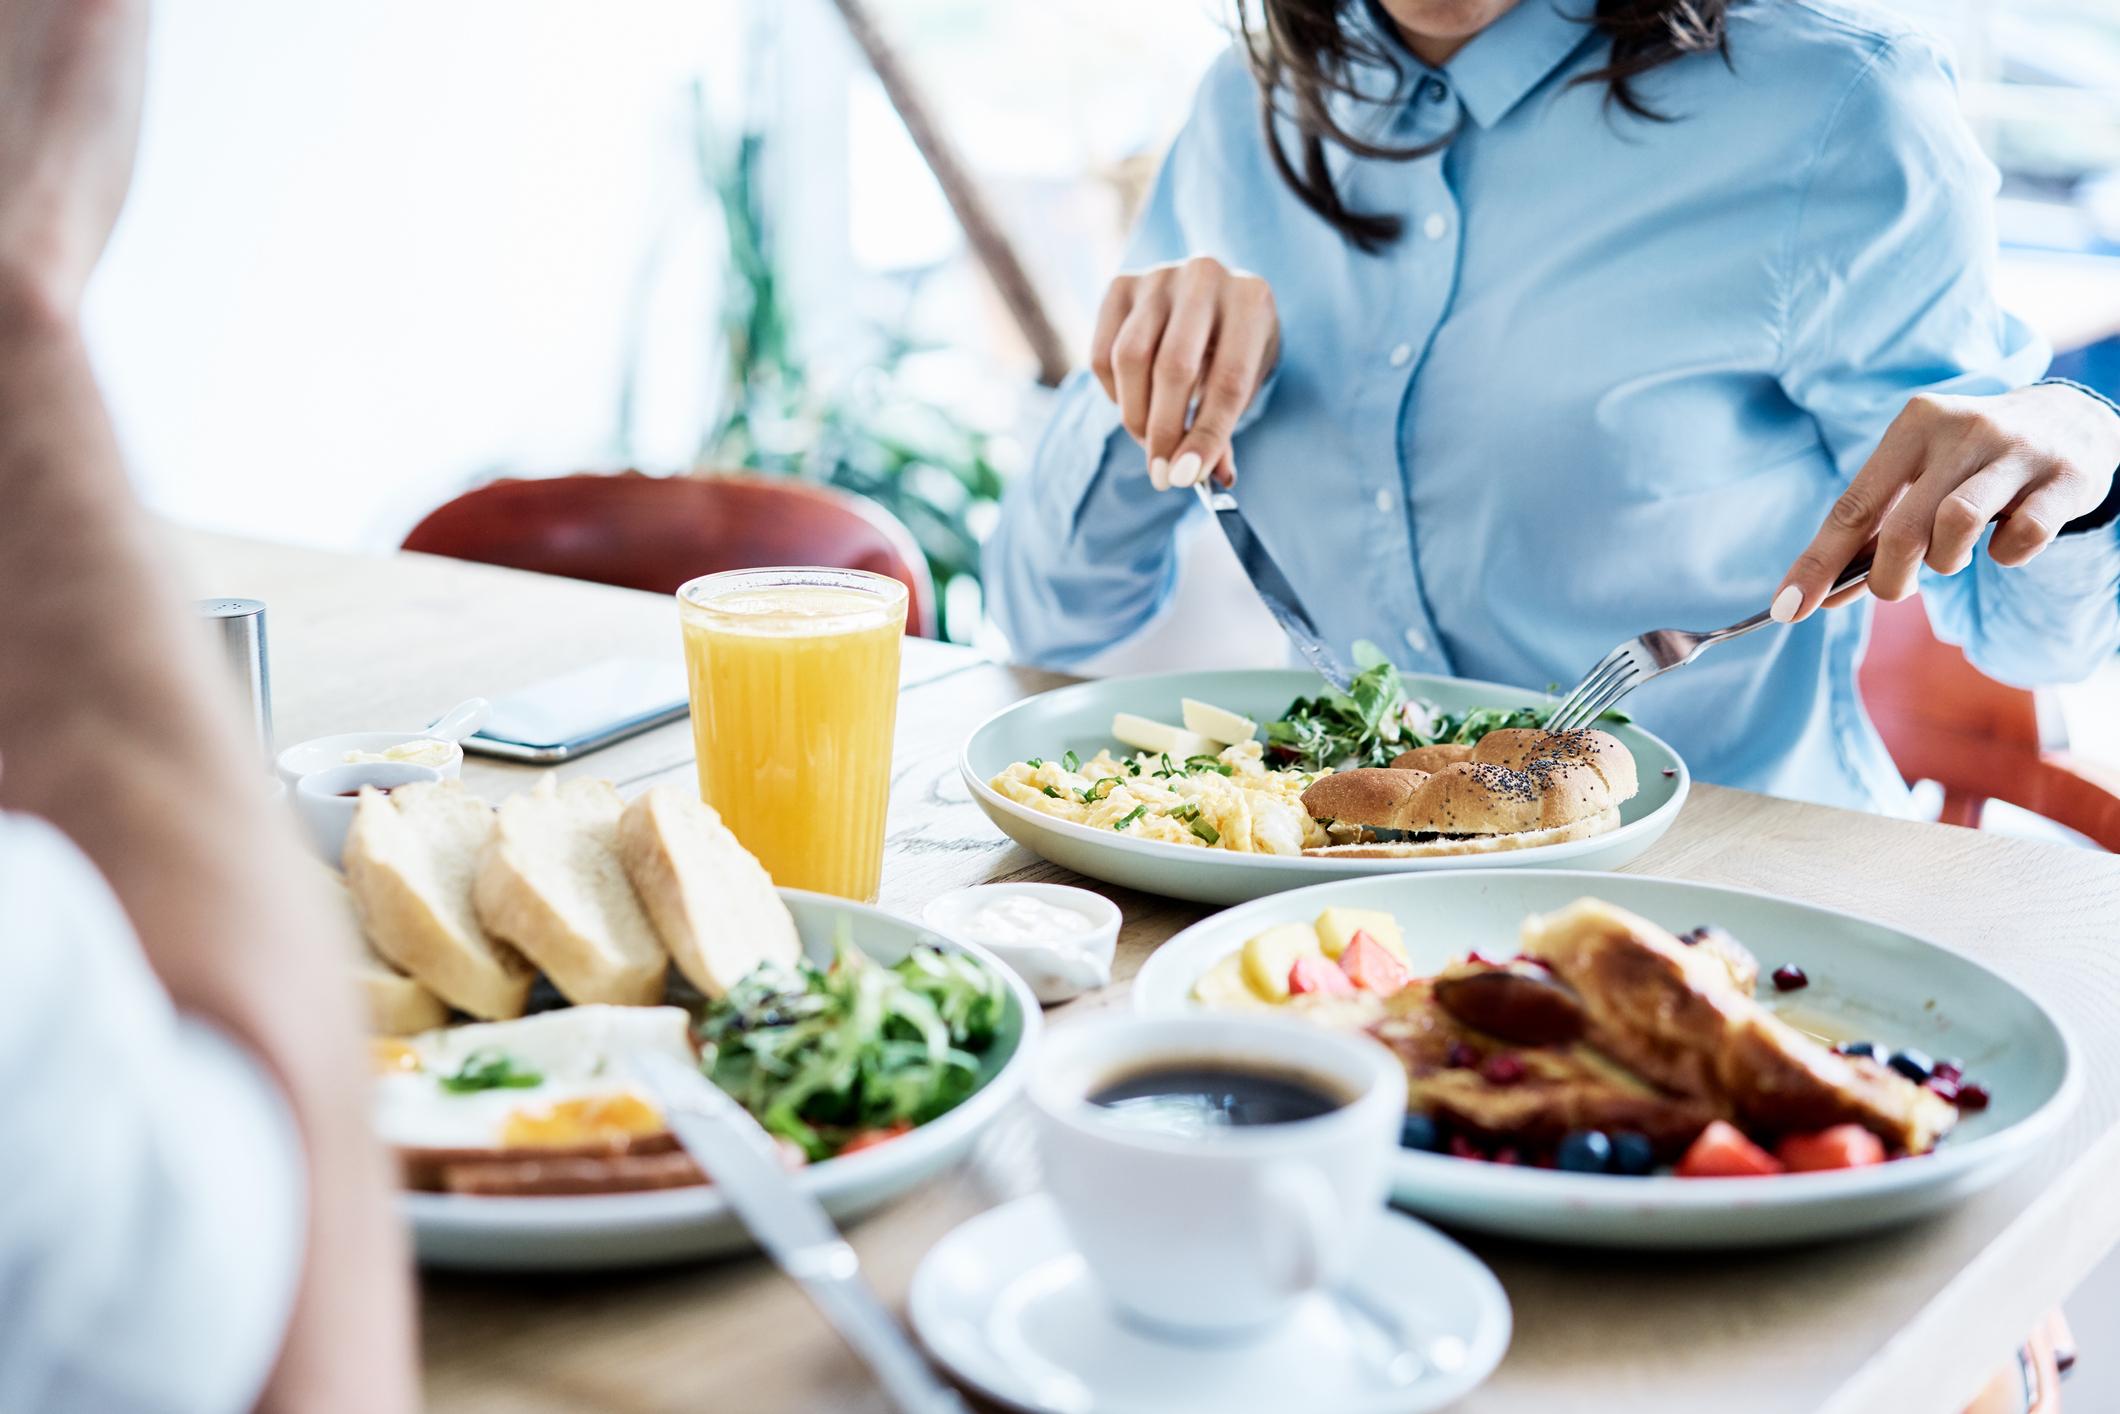 Frühstück Mittagessen Abendessen, um Gewicht zu verlieren